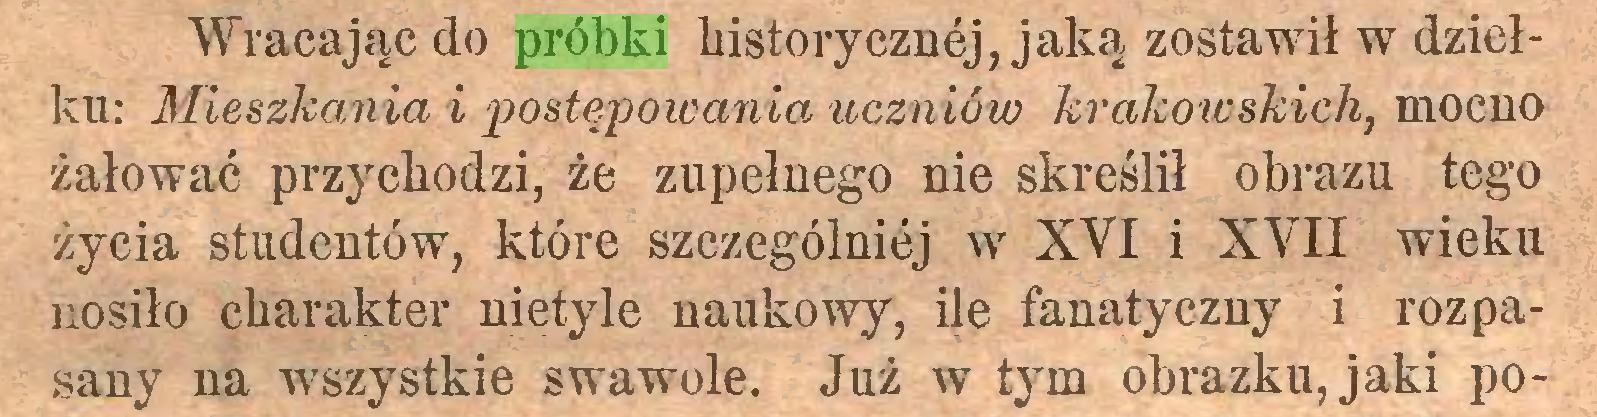 (...) Wracając do próbki historycznej, jaką zostawił w dziełku: Mieszkania i postępowania uczniów krakowskich, mocno żałować przychodzi, że zupełnego nie skreślił obrazu tego życia studentów, które szczególniej w XVI i XVII wieku nosiło charakter nietyle naukowy, ile fanatyczny i rozpasany na wszystkie swawole. Już w tym obrazku, jaki po...